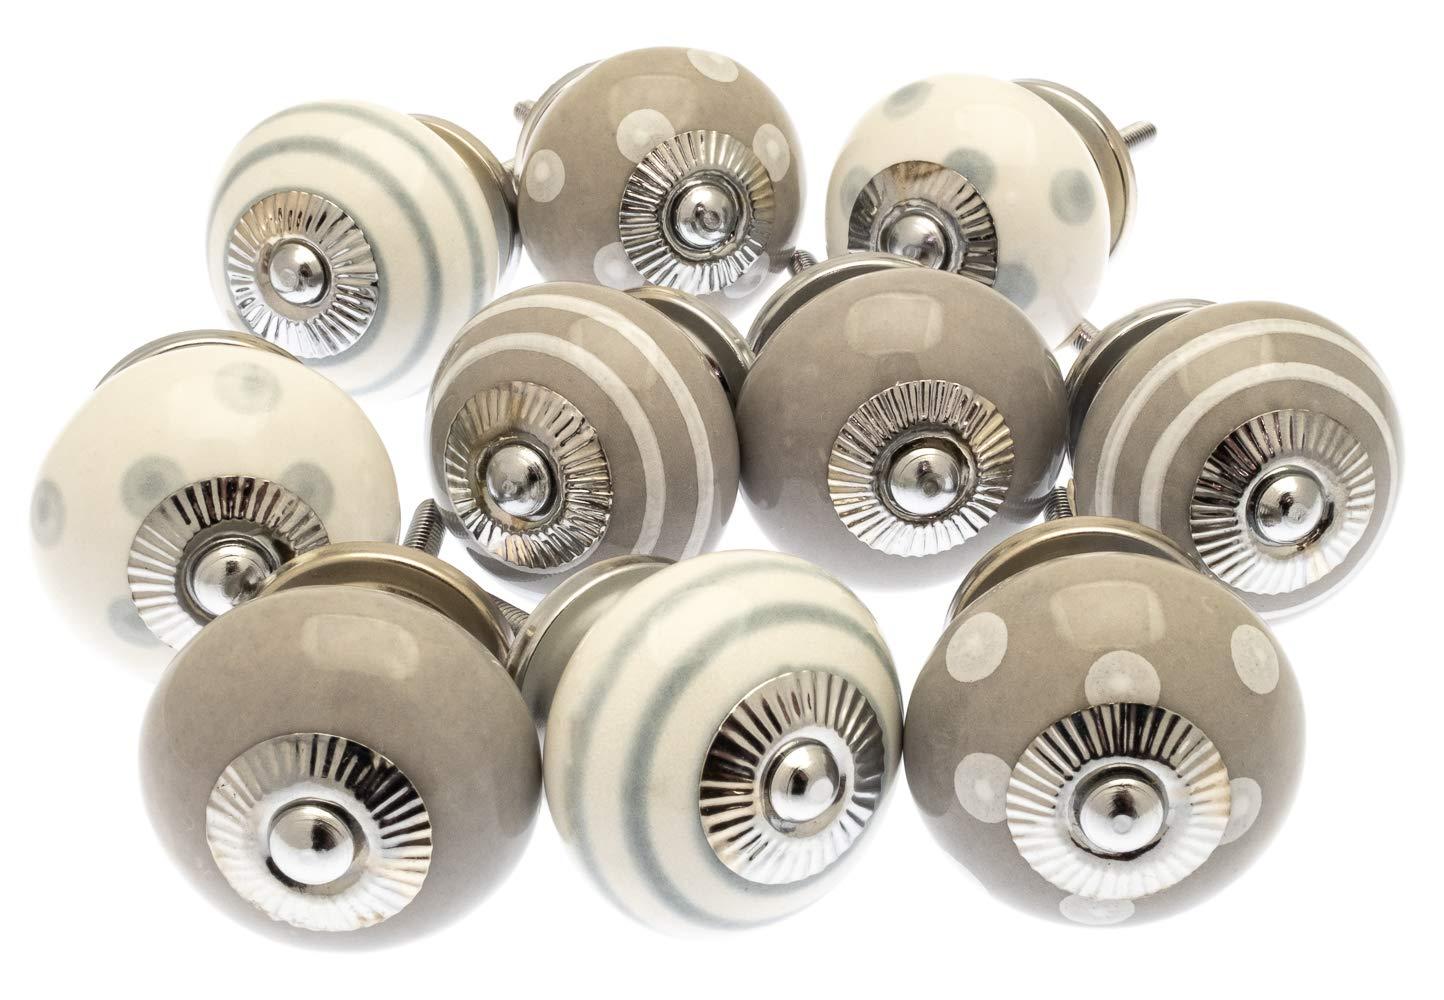 Mango Tree MG-279 Assortiment de 10 boutons de placard en c/éramique Gris et blanc Pois et rayures